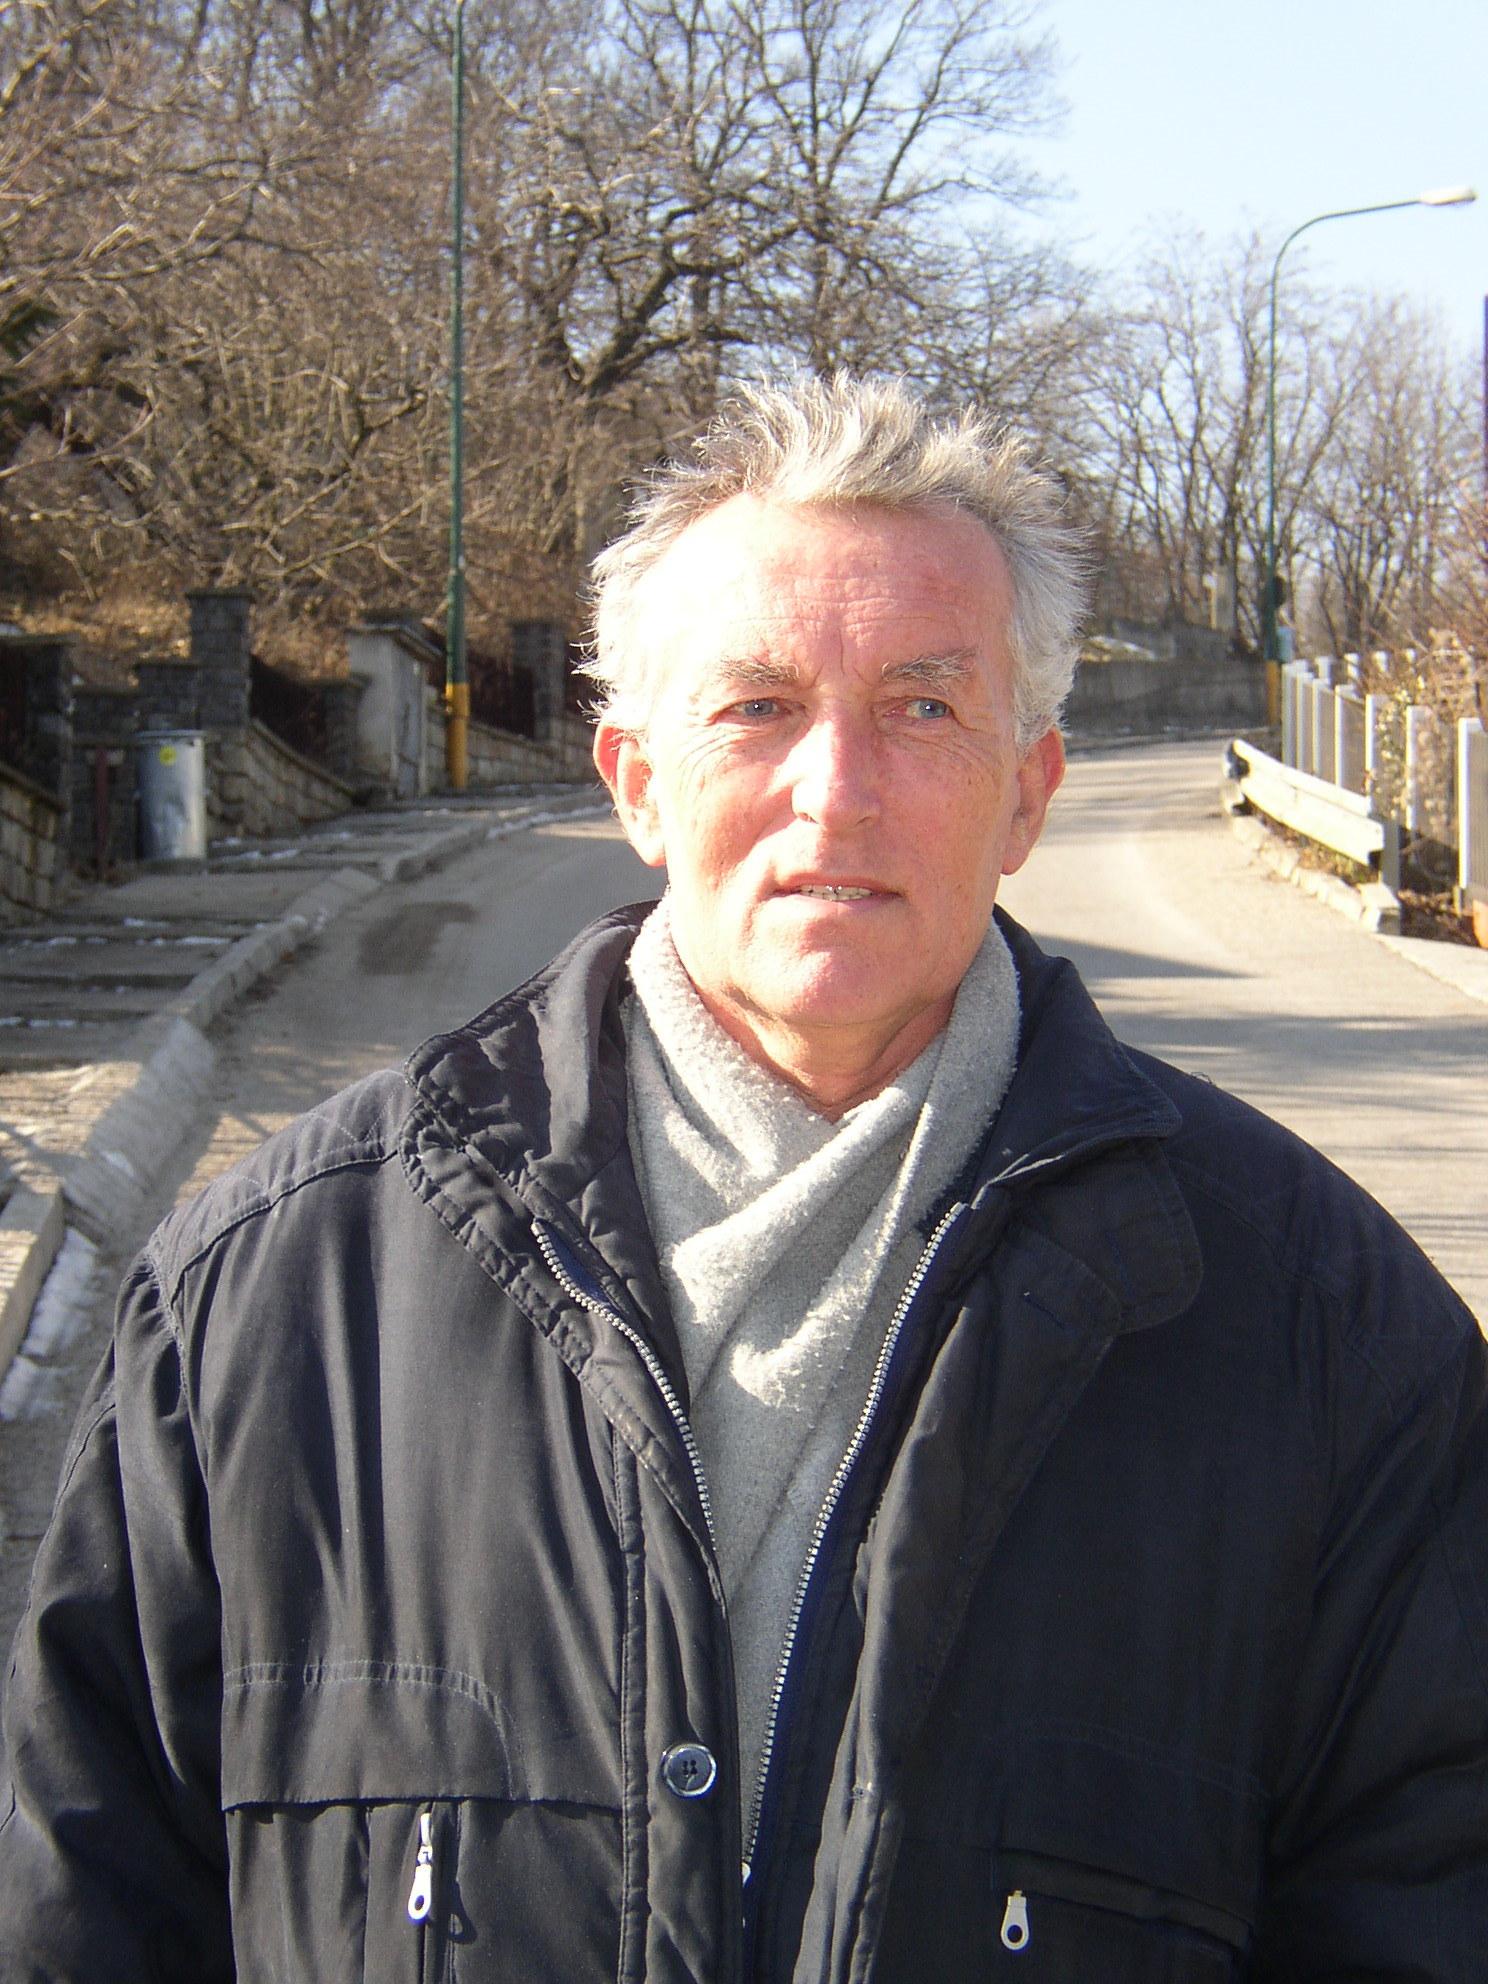 Roman Hofbauer zomrel v Bratislave 1. júna 2016 po dlhej chorobe vo veku 76 rokov. (Foto: Pavel Kapusta)